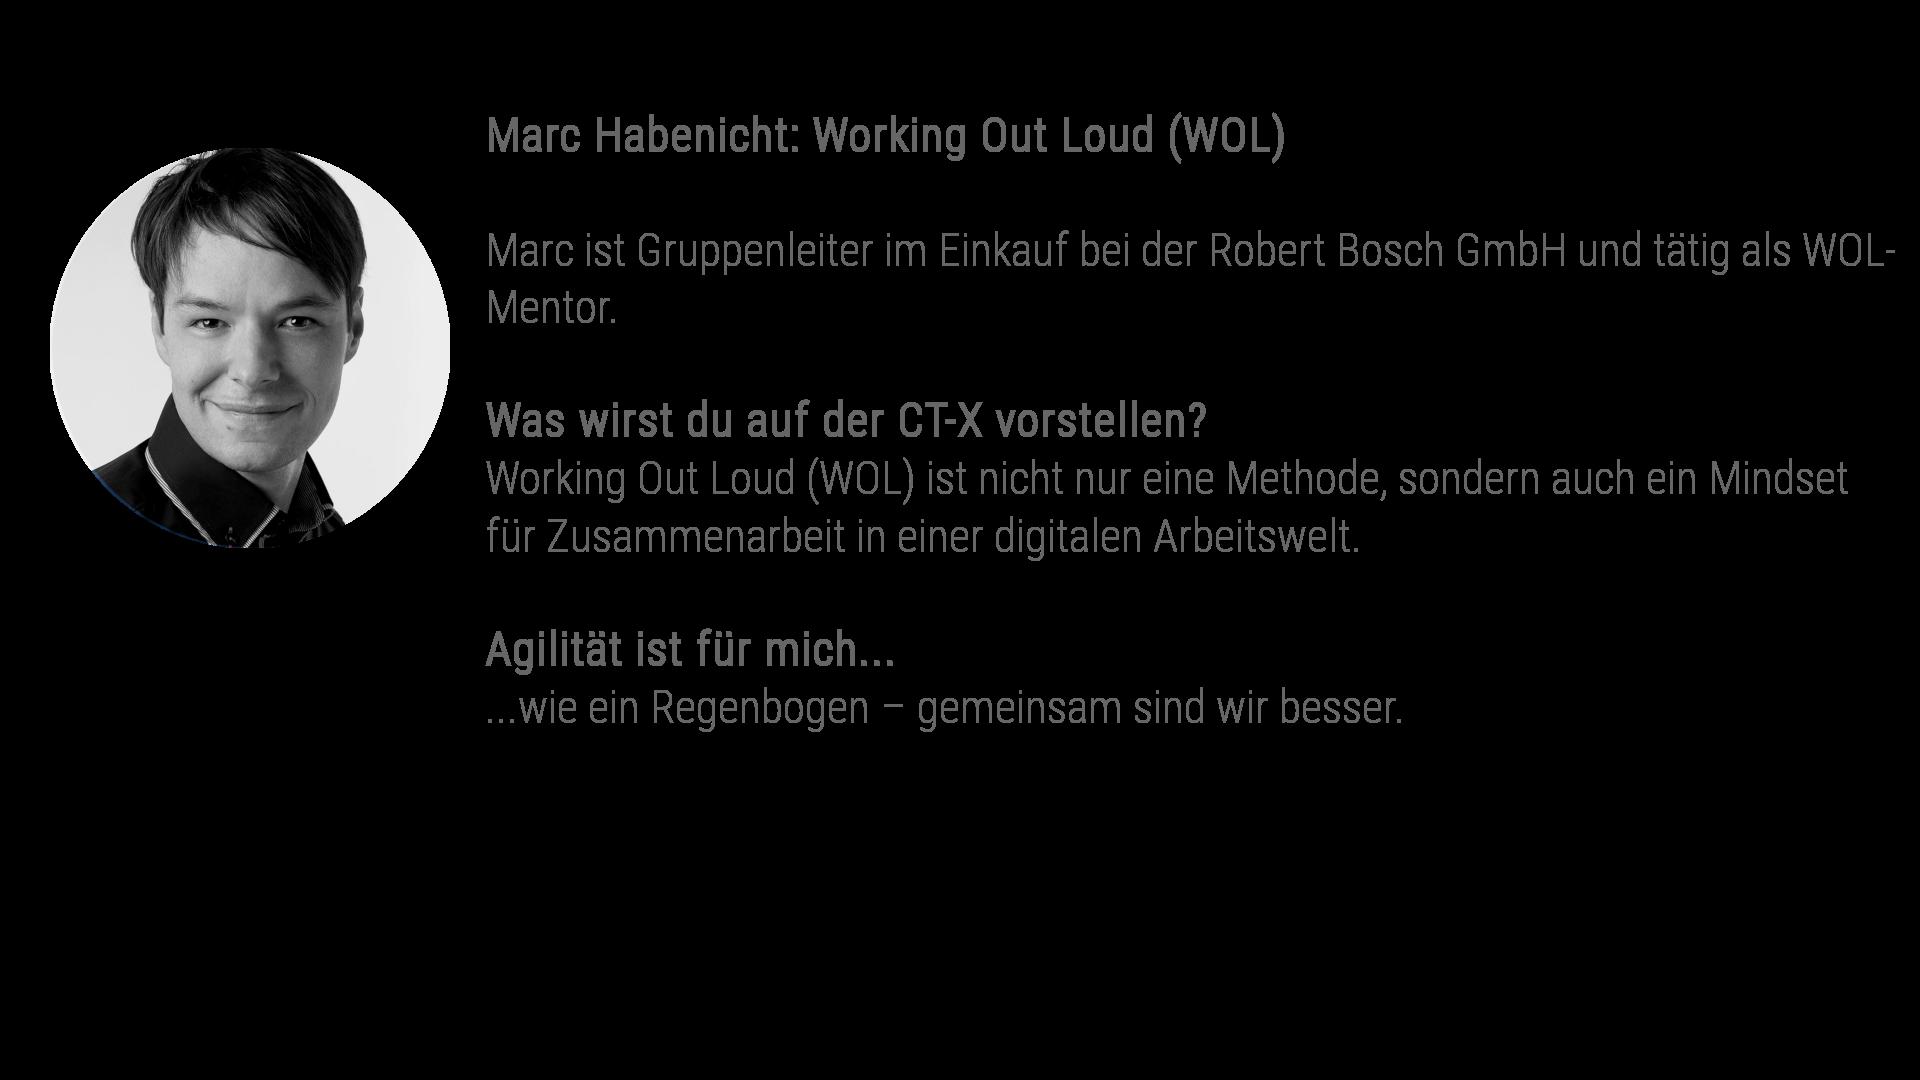 Marc Habenicht: Working Out Loud (WOL) Marc ist Gruppenleiter im Einkauf bei der Robert Bosch GmbH und tätig als WOL-Mentor. Was wirst du auf der CT-X vorstellen? Working Out Loud (WOL) ist nicht nur eine Methode, sondern auch ein Mindset für Zusammenarbeit in einer digitalen Arbeitswelt. Agilität ist für mich... ...wie ein Regenbogen – gemeinsam sind wir besser.